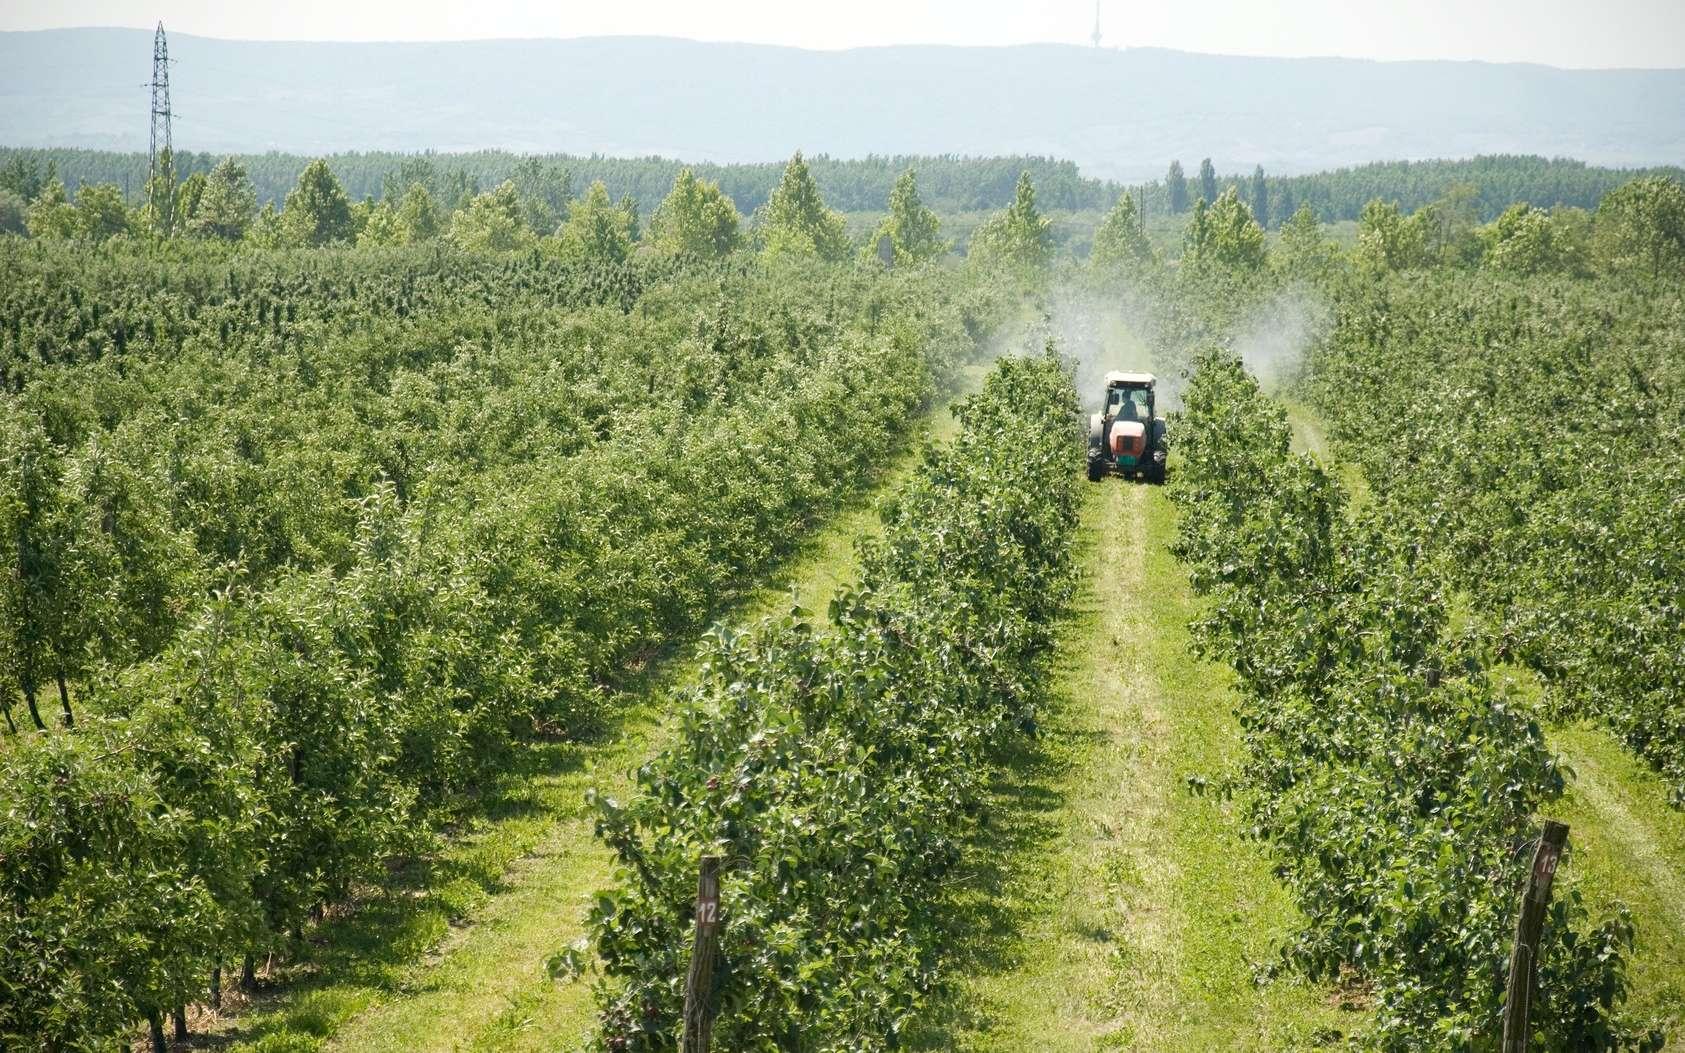 Les chercheurs ont identifié un mécanisme moléculaire expliquant pourquoi les pesticides favorisent Parkinson. © shoot4pleasure10, Fotolia